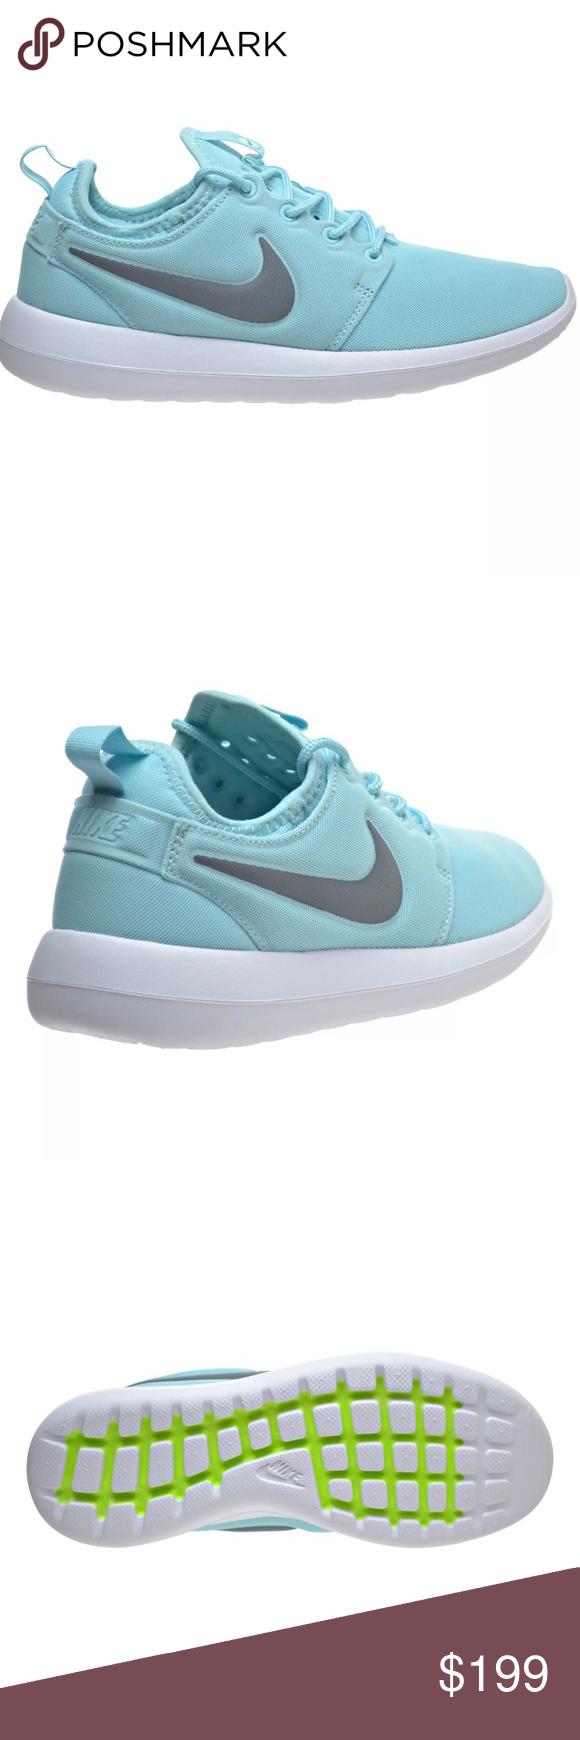 9c378cf9f1543 HP 💞😍 HTH Nike Roshe Tiffany Blue Copa Cool Grey Brand new. New NIKE  ROSHE TWO 9.5 Copa Cool Grey White TIFFANY BLUE 844931 400 Nike Shoes  Athletic Shoes